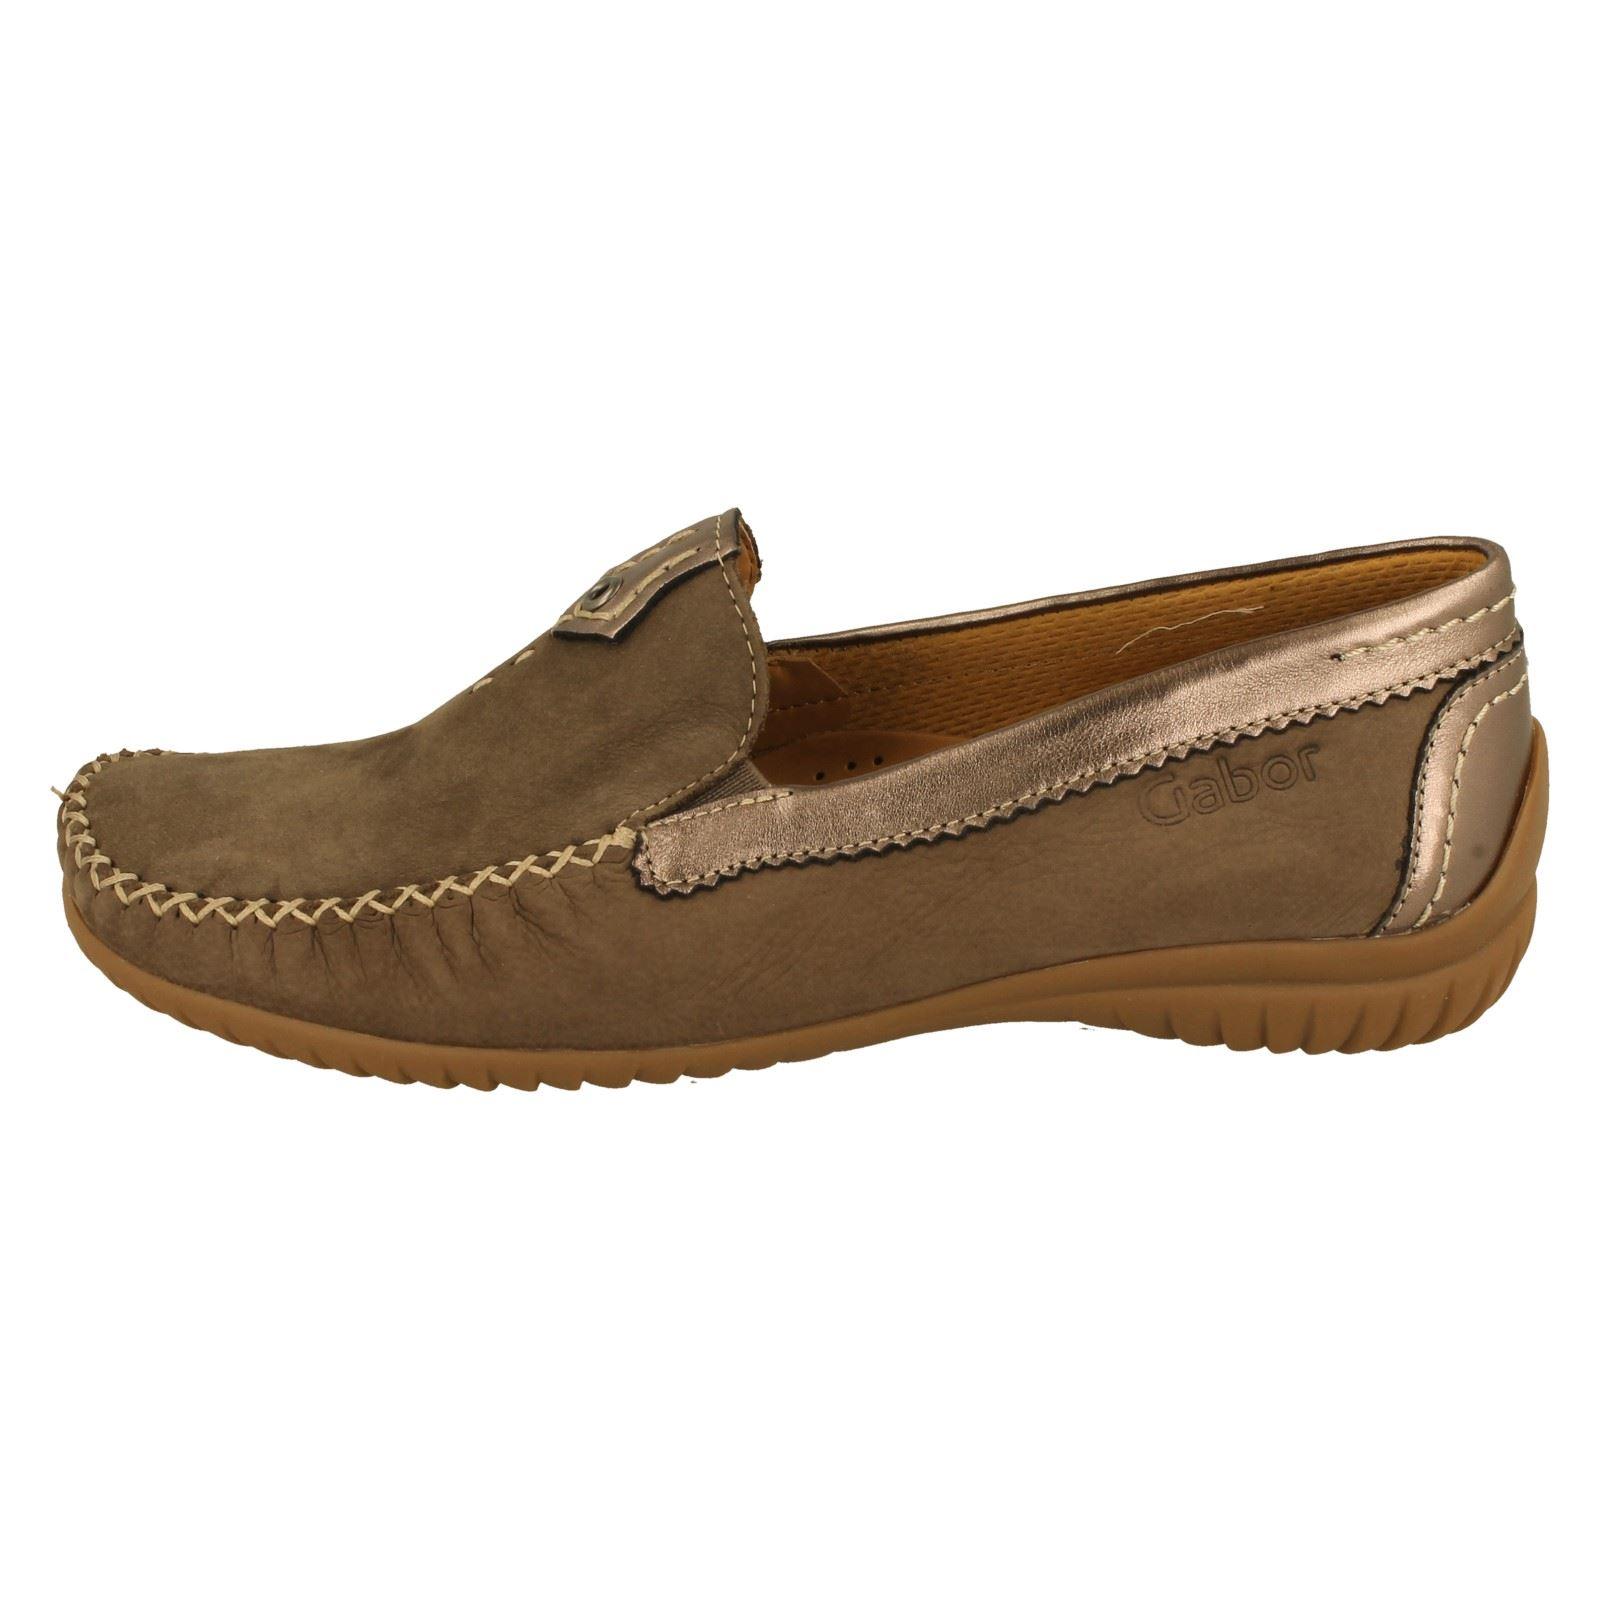 Messieurs / Dames Femmes Gabor Chaussures Label styles California 86090-W Beaucoup de styles Label Qualité primaire Simple e45860